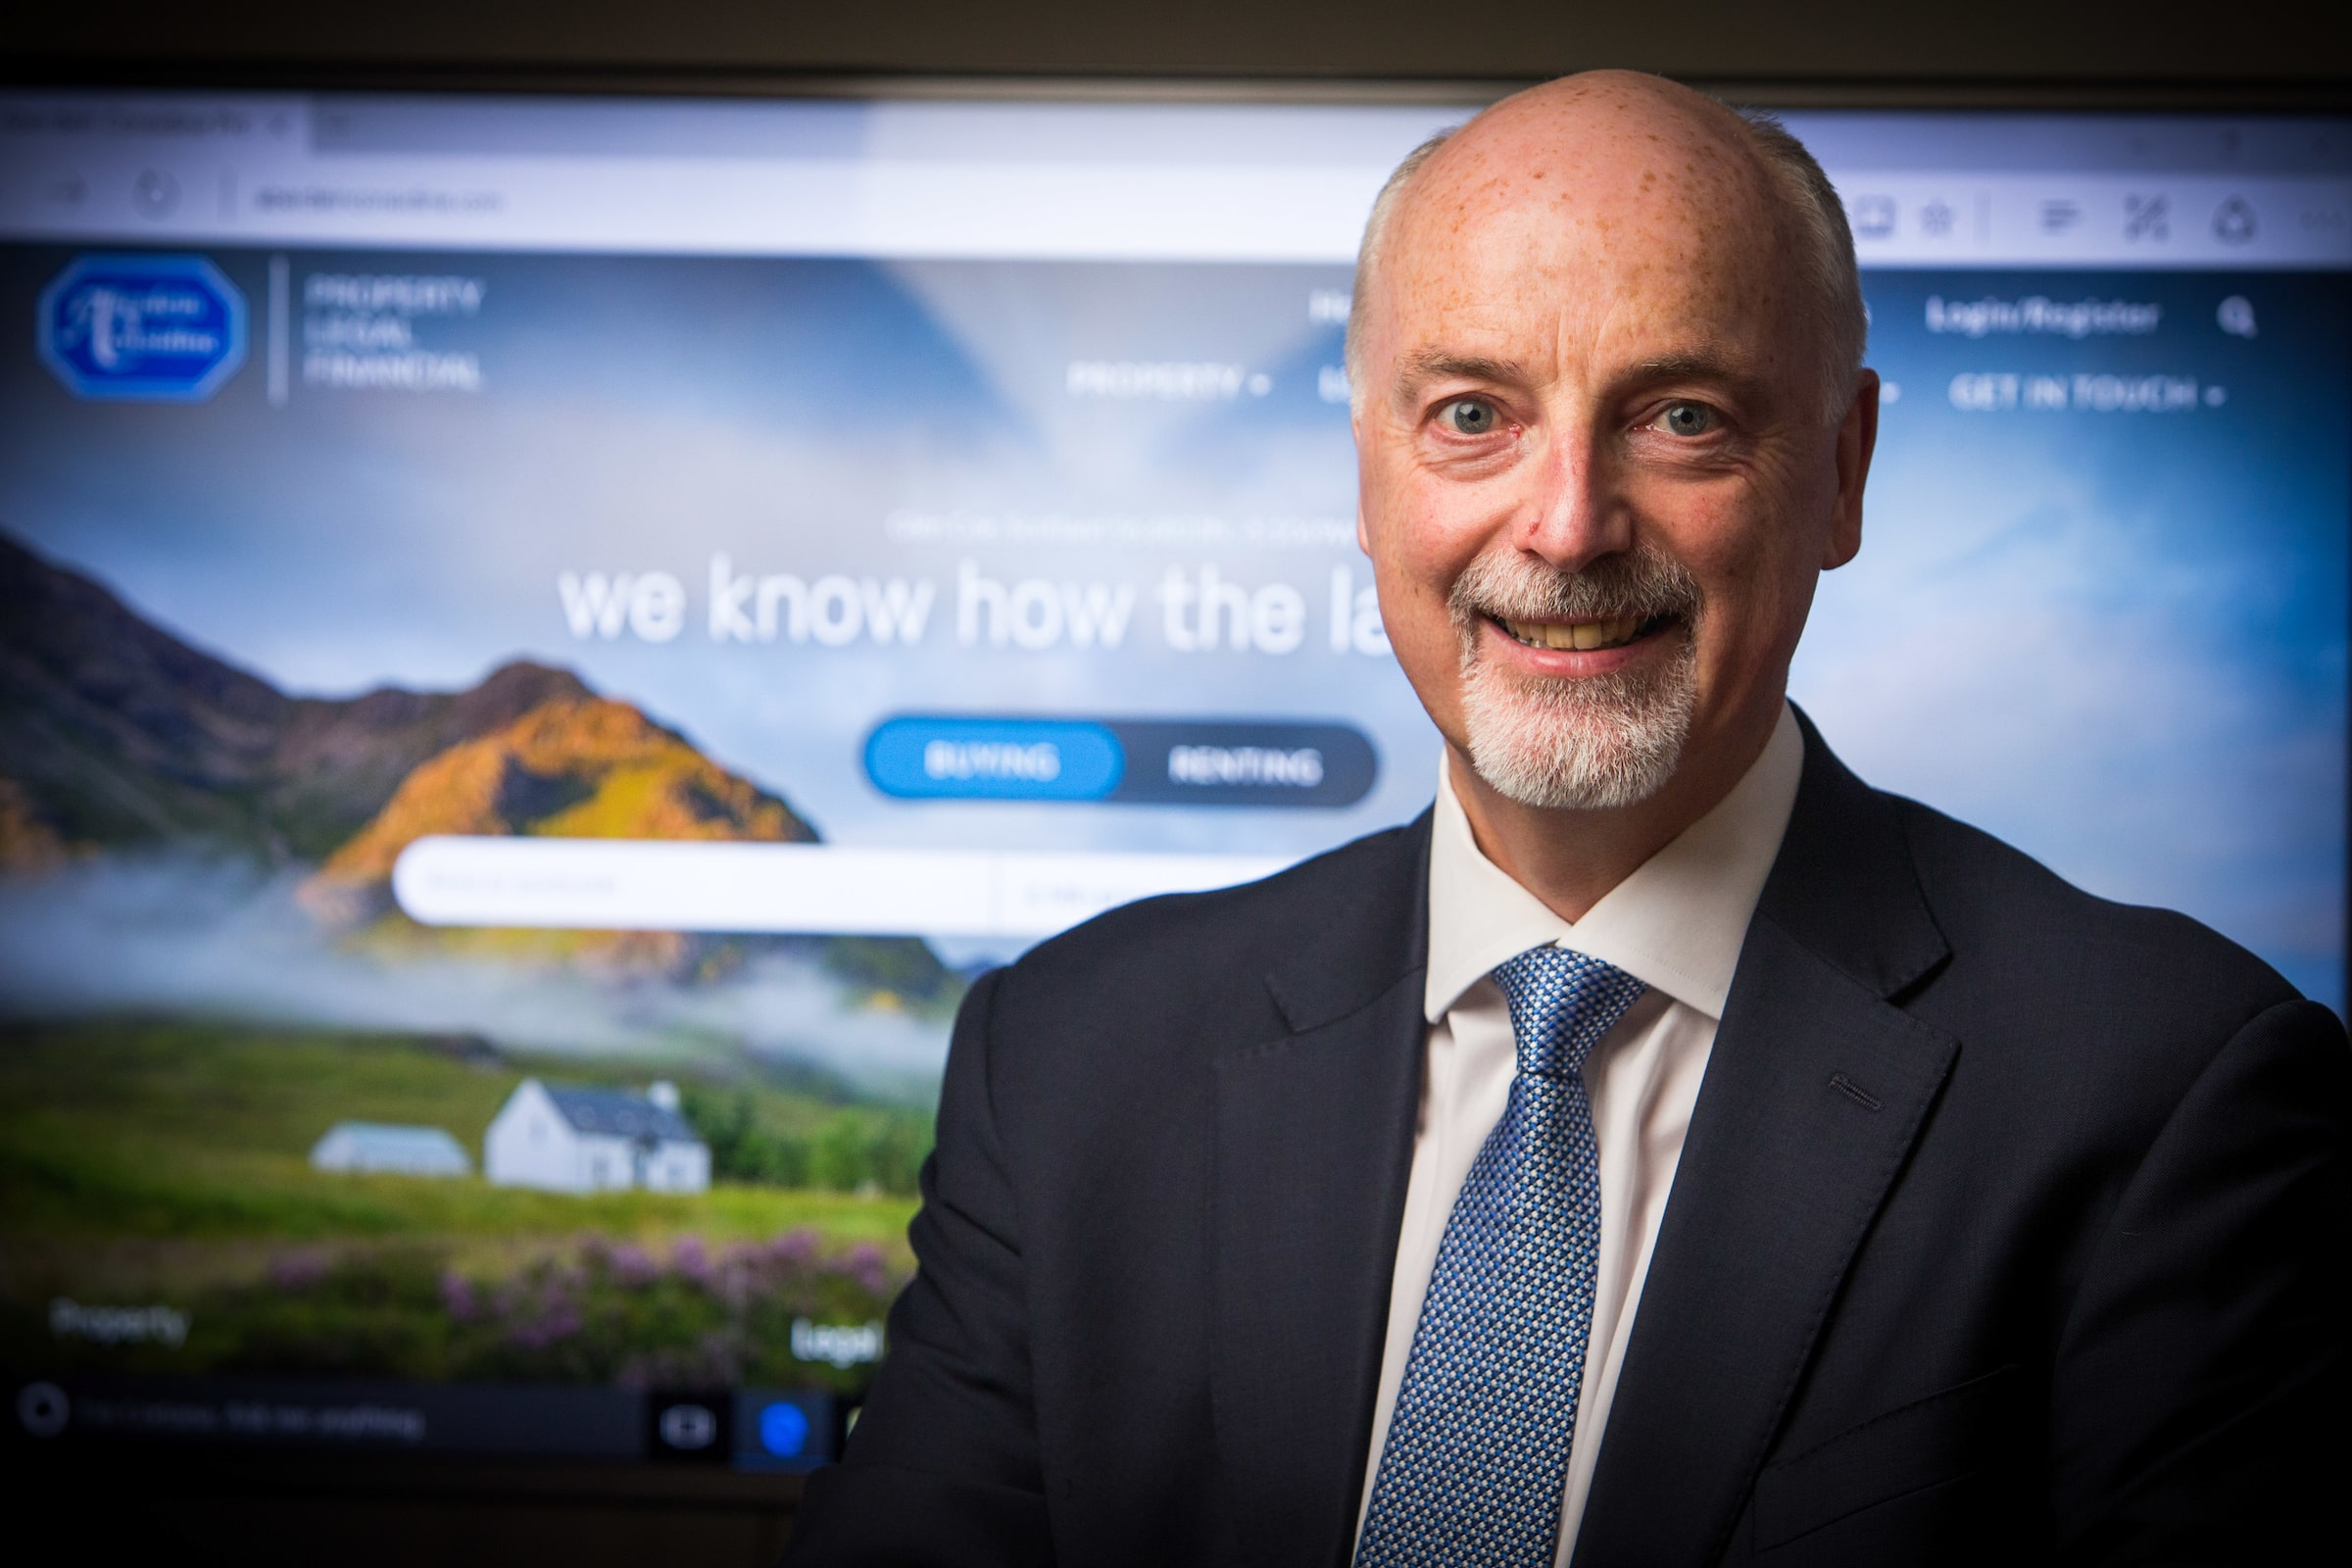 Robert Fraser, Senior Property Partner at Aberdein Considine